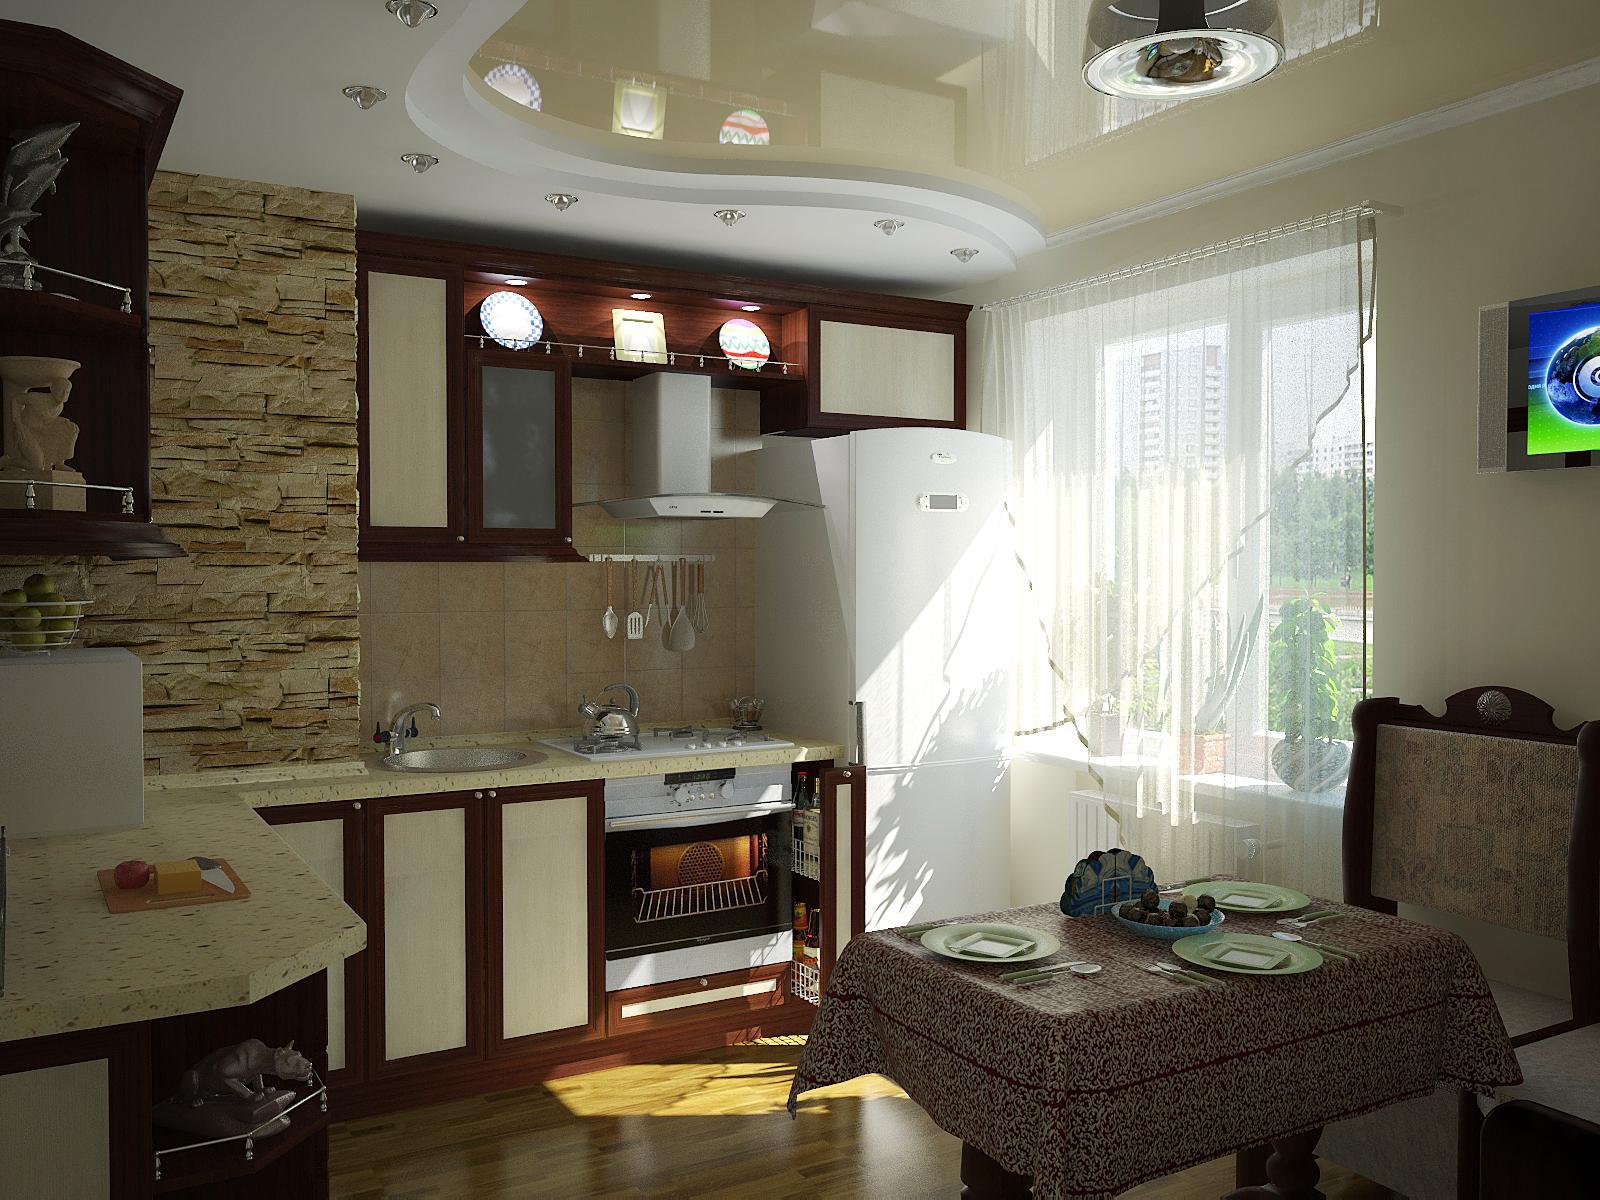 надевая навесной потолок на кухню фото наращивании ресниц, мастер